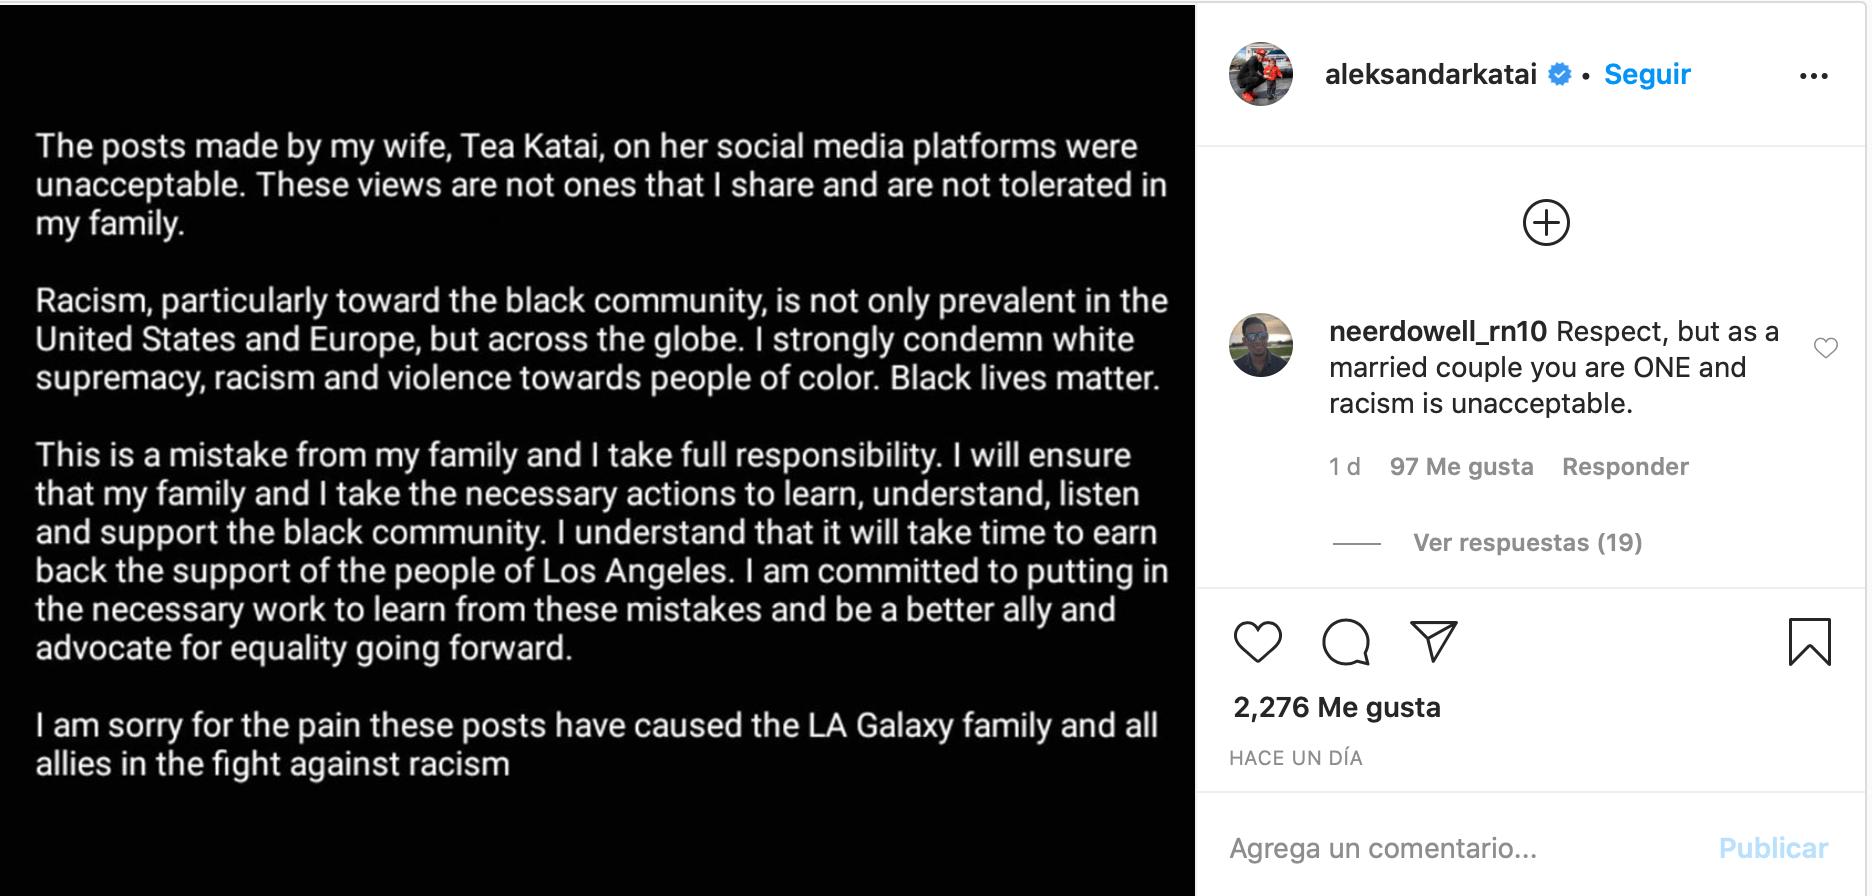 Galaxy despidió a Aleksandar Katai tras comentarios racistas de su esposa